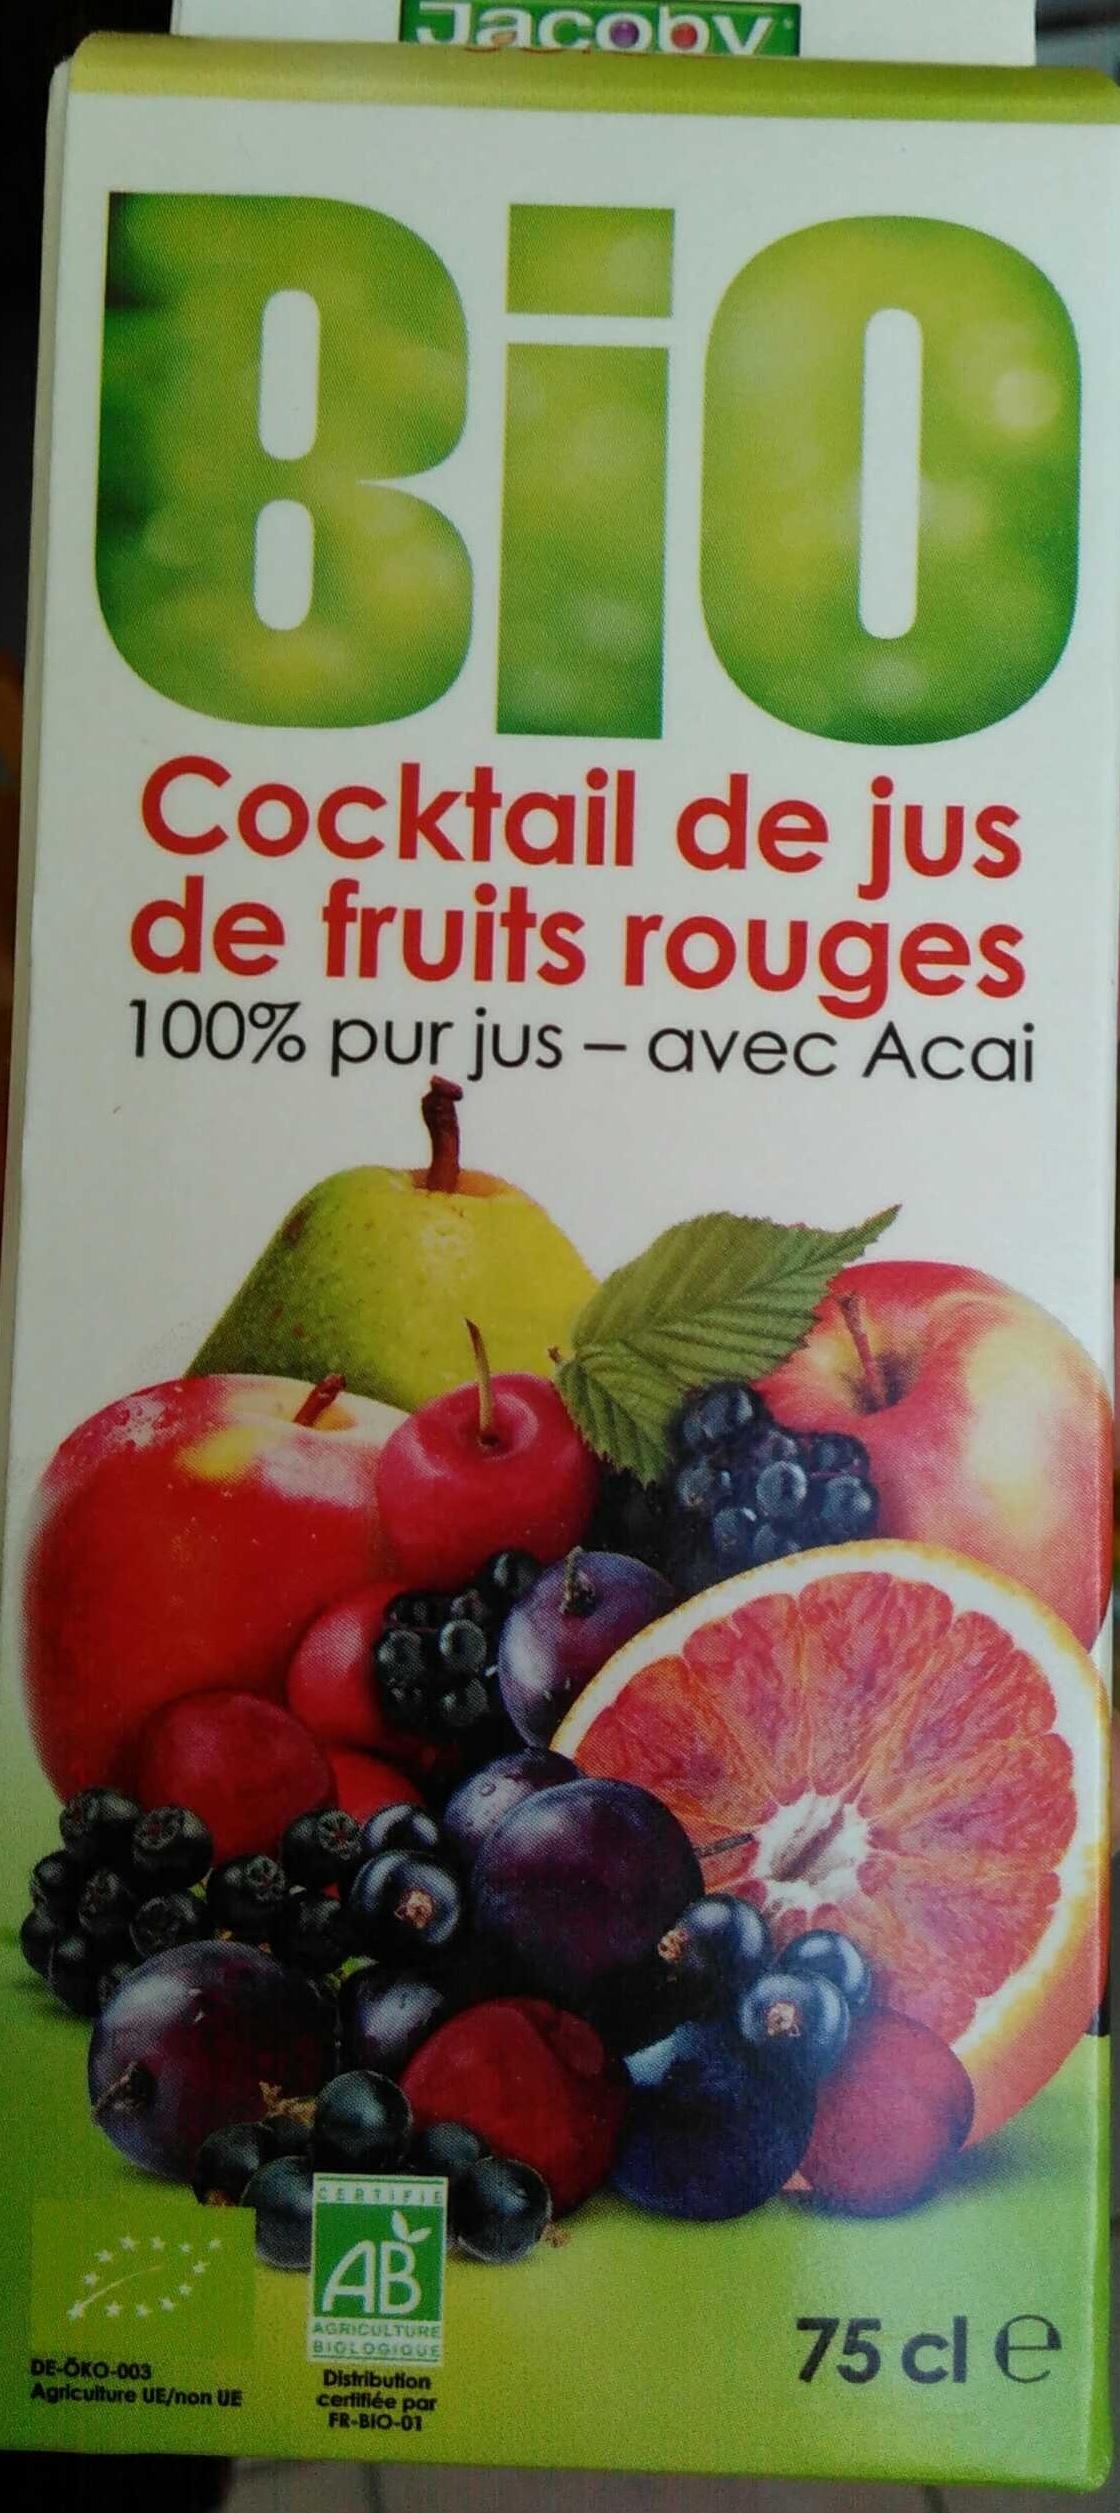 Cocktail de jus de fruits rouges 100 pur jus jacoby for Cocktail jus de fruit